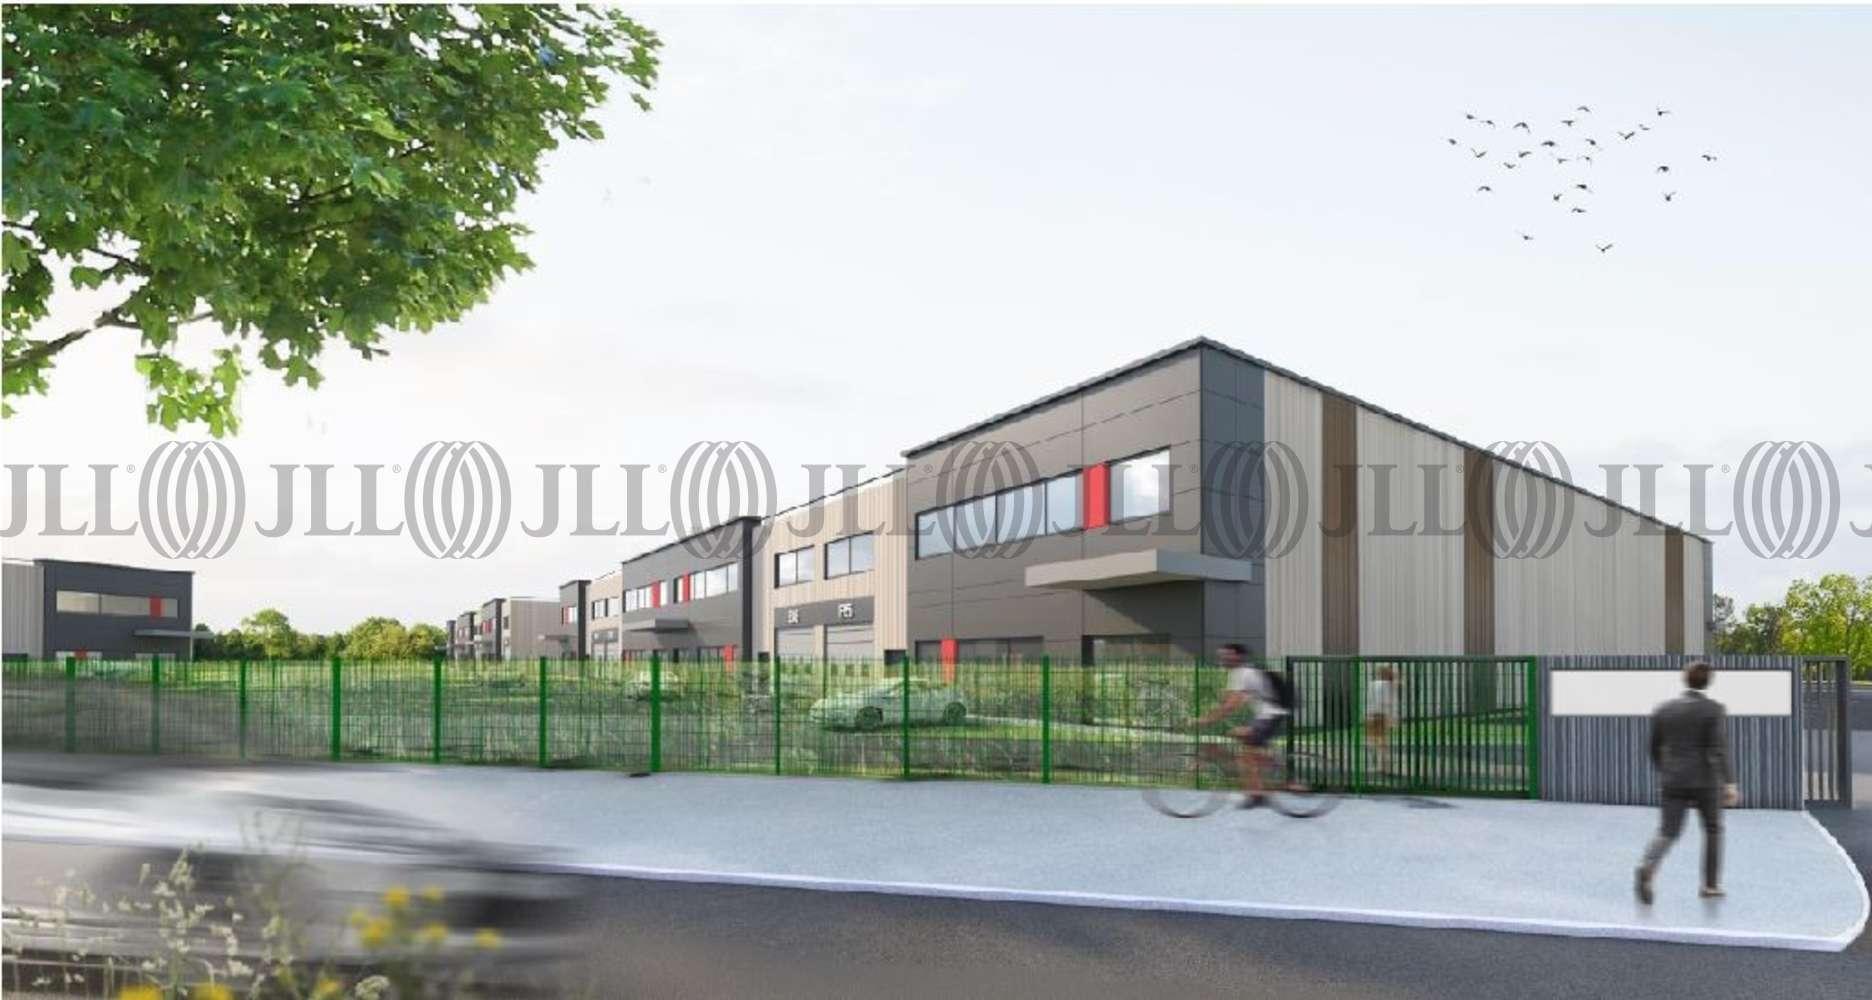 Activités/entrepôt Villejust, 91140 - PARC D'ACTIVITÉS DE L'OCÉANE